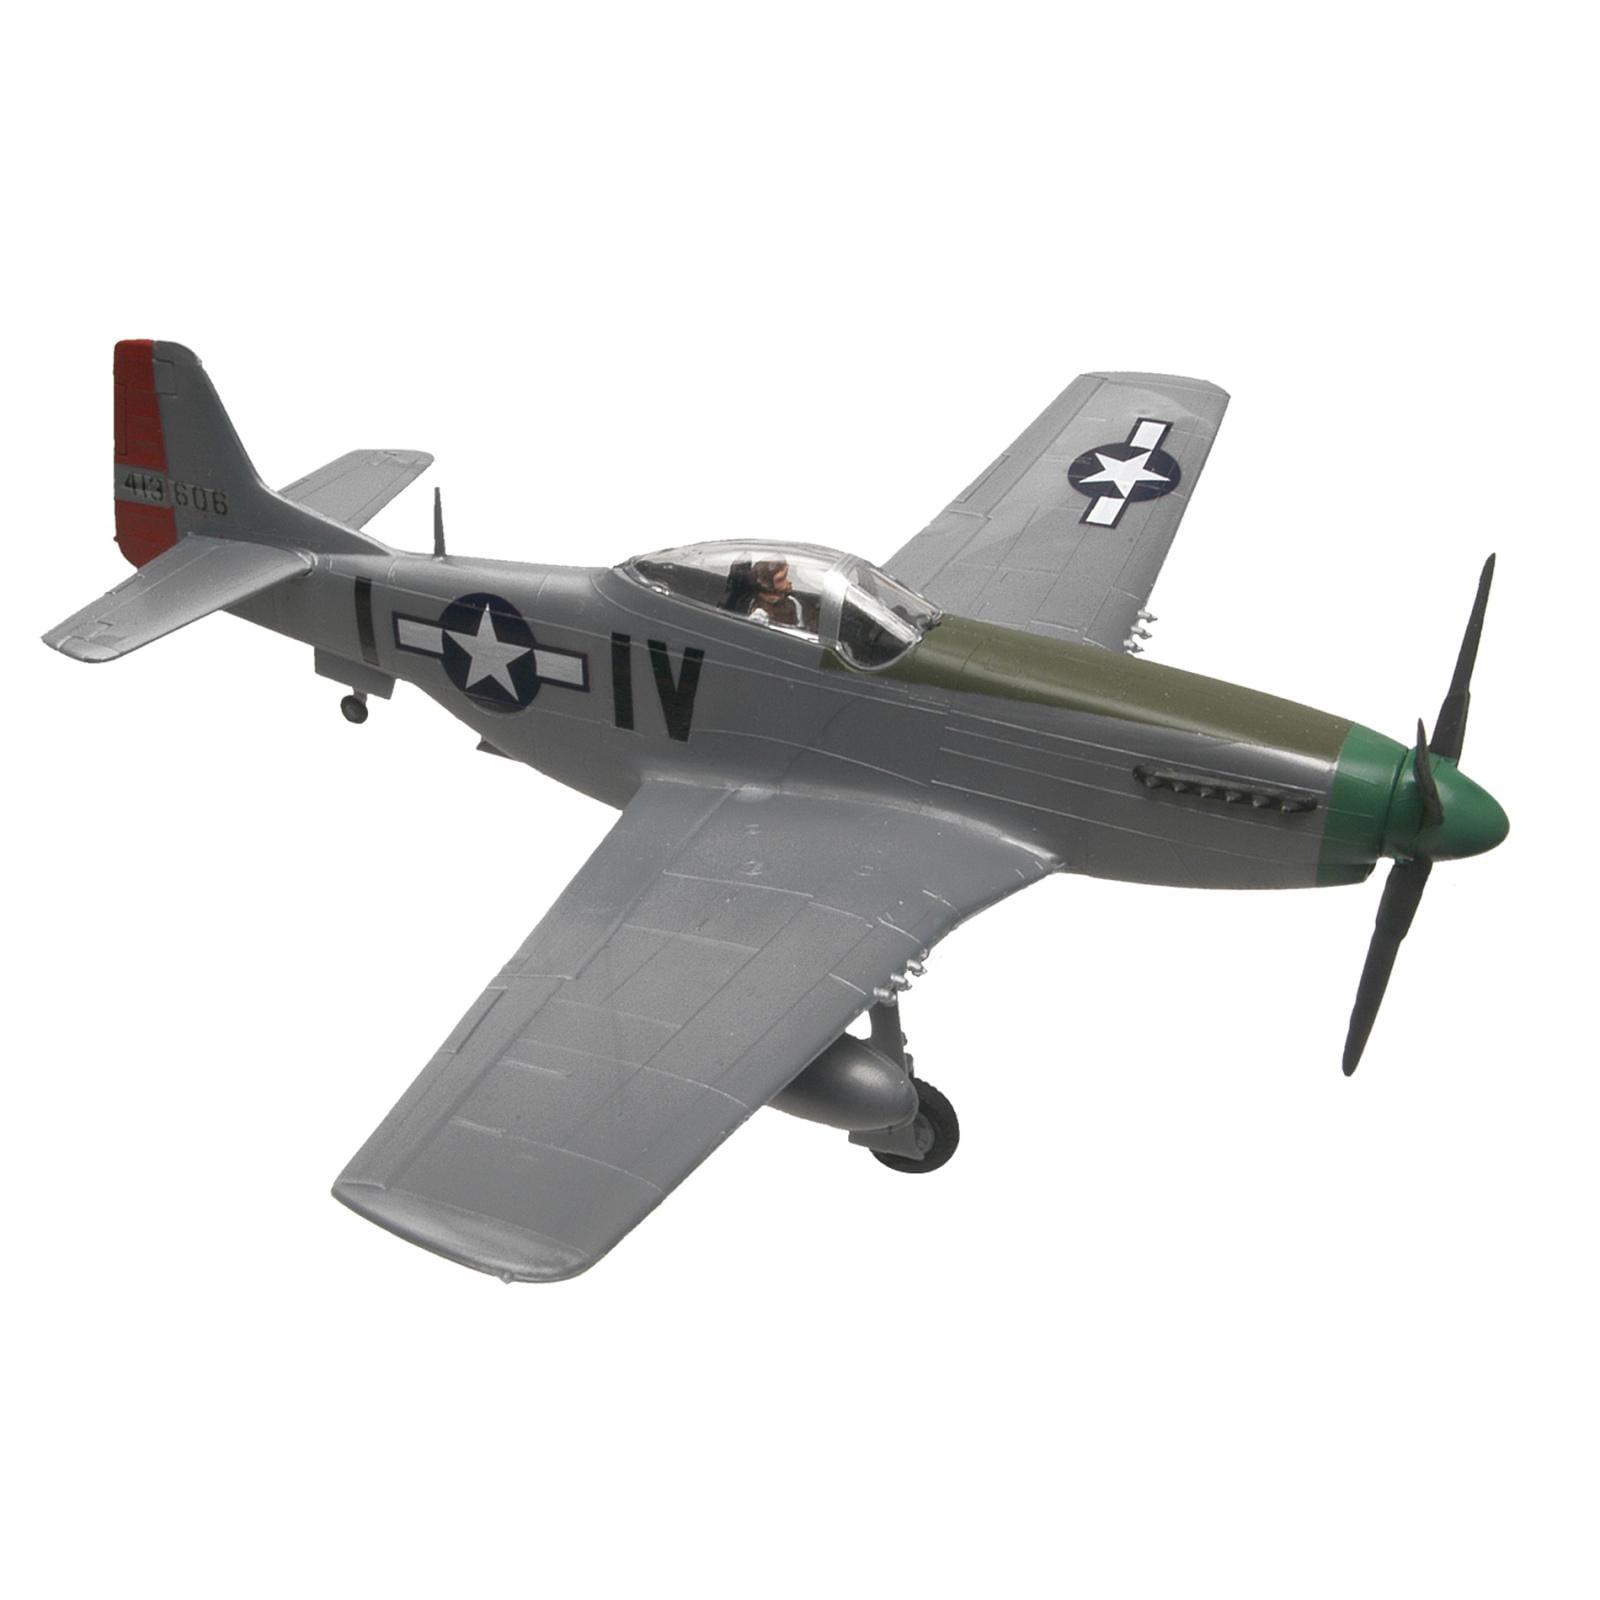 Revell 1:72 Scale P-51D Mustang Plastic Model Kit